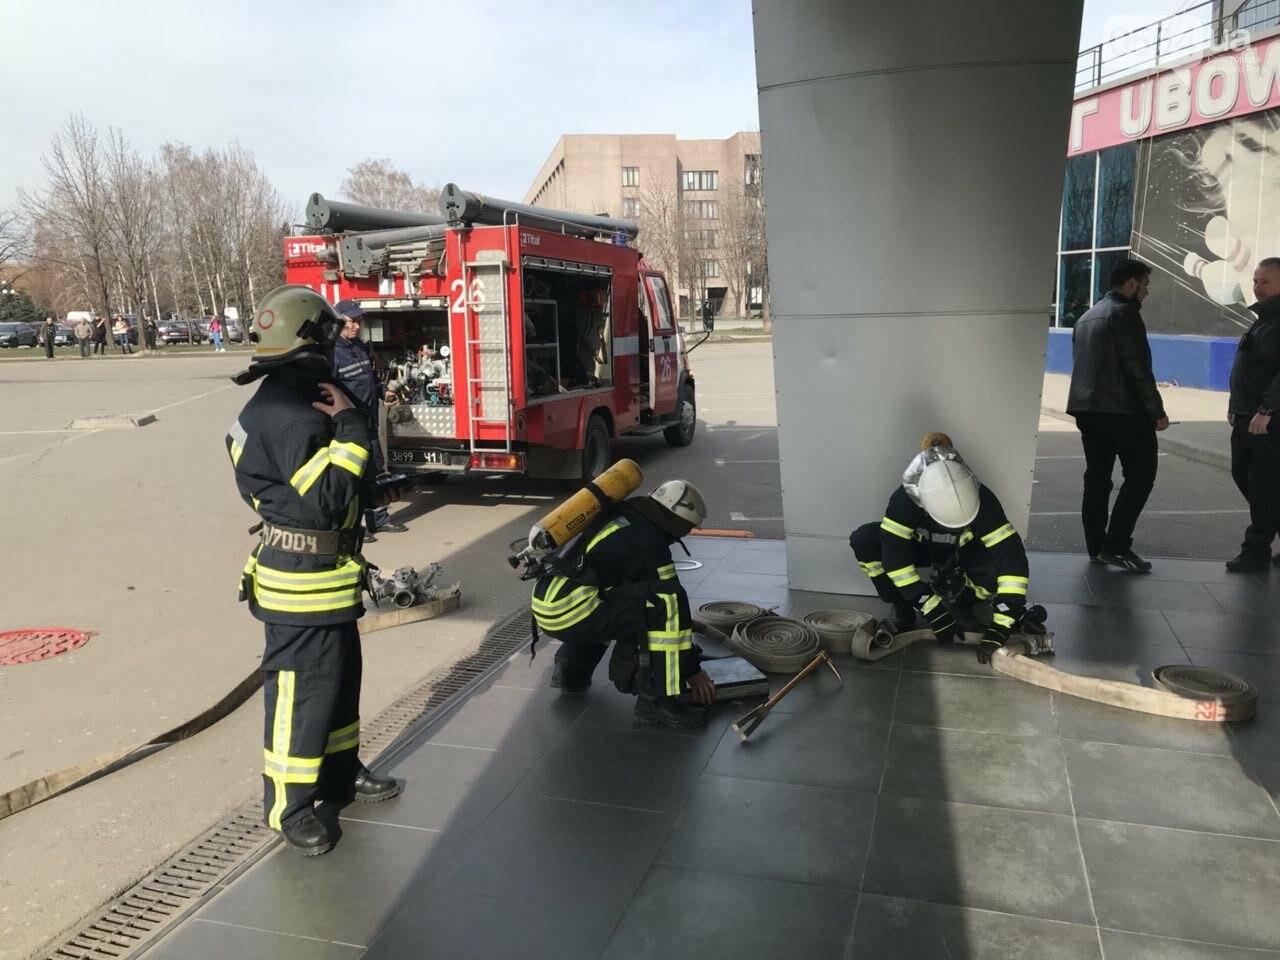 В Кривом Роге спасатели тренировались тушить пожар в ТРЦ  (ФОТО, ВИДЕО), фото-1